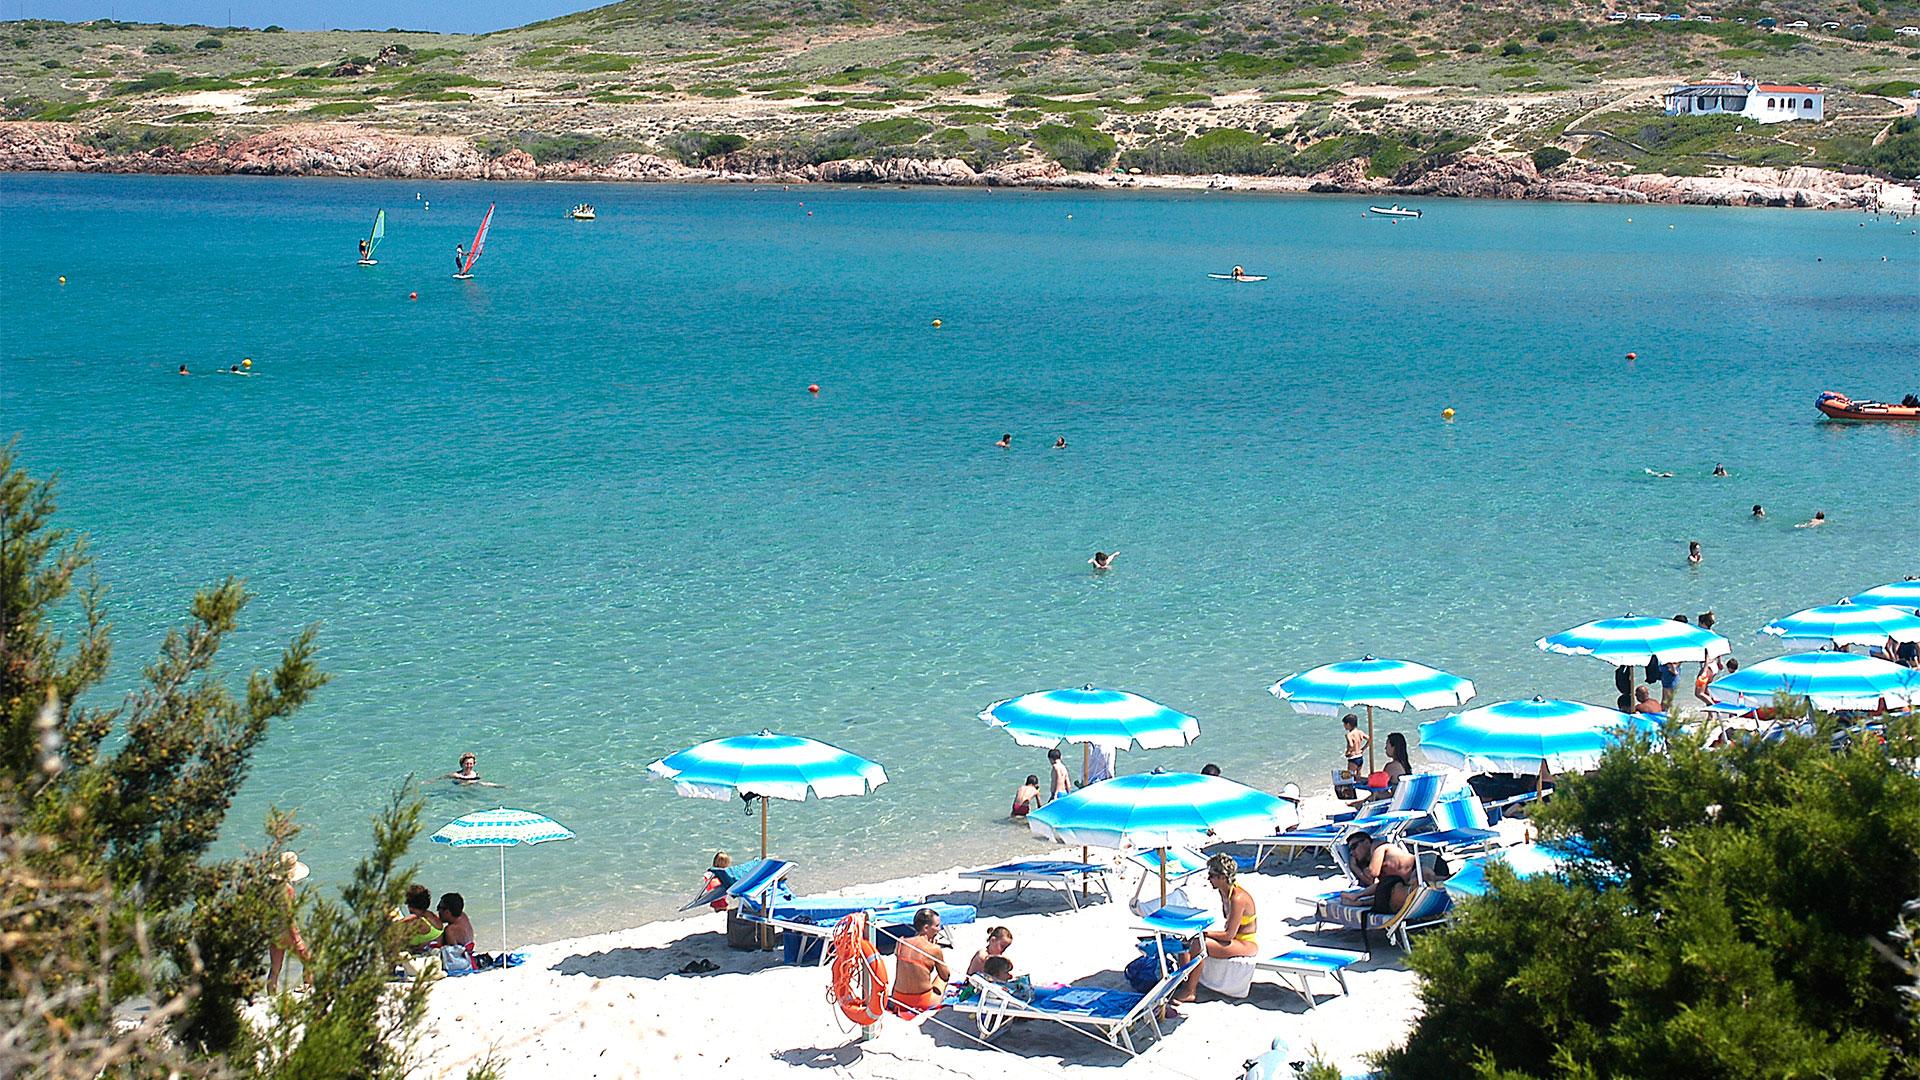 hotel-marinedda-slider-servizi-piscina-sardegna-mare-isola-rossa-2